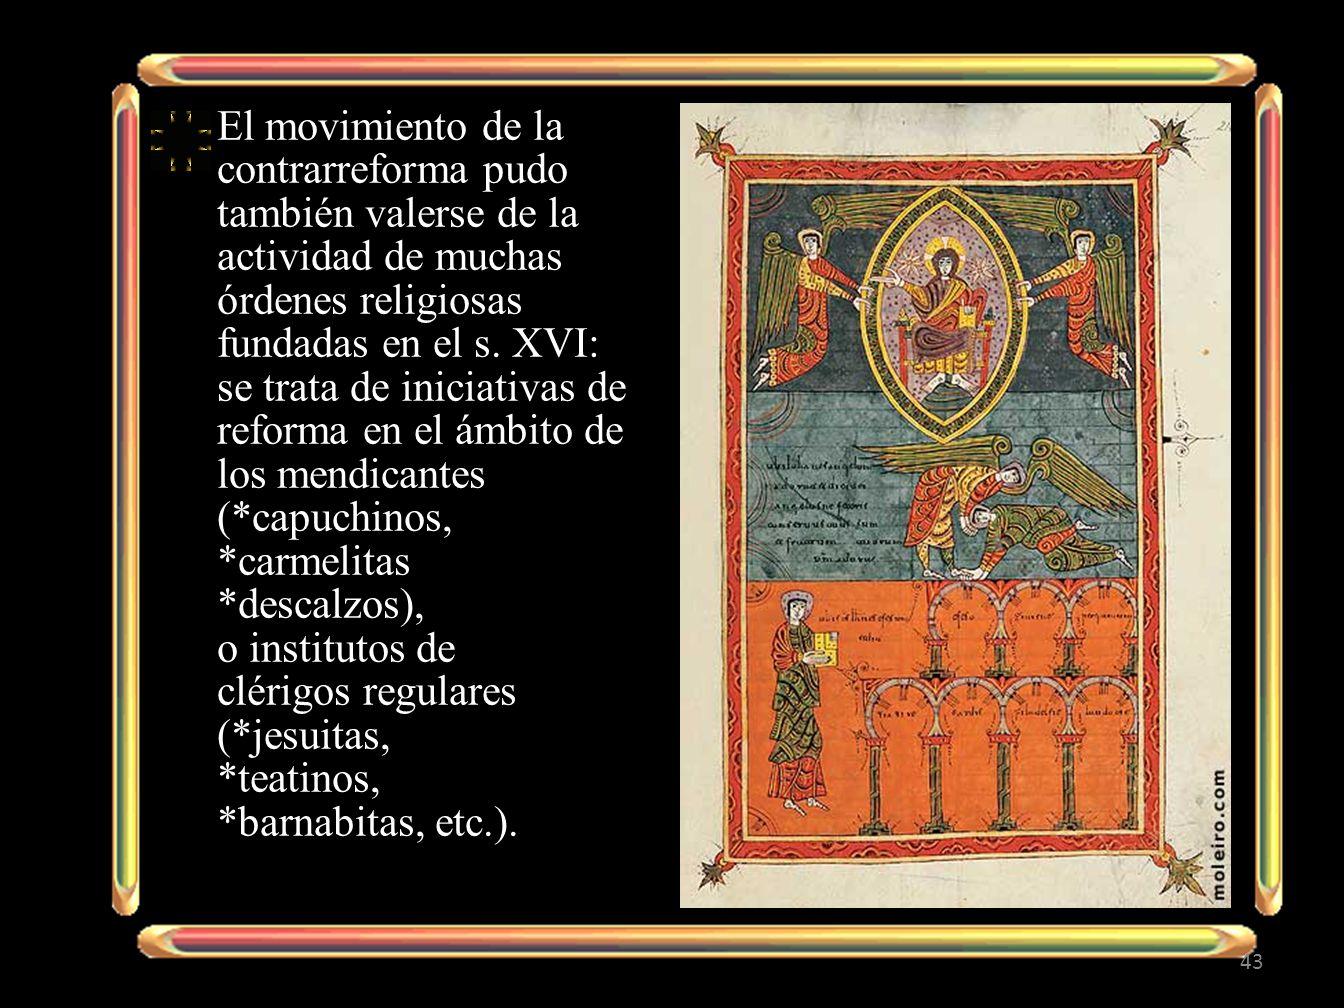 El movimiento de la contrarreforma pudo también valerse de la actividad de muchas órdenes religiosas fundadas en el s. XVI: se trata de iniciativas de